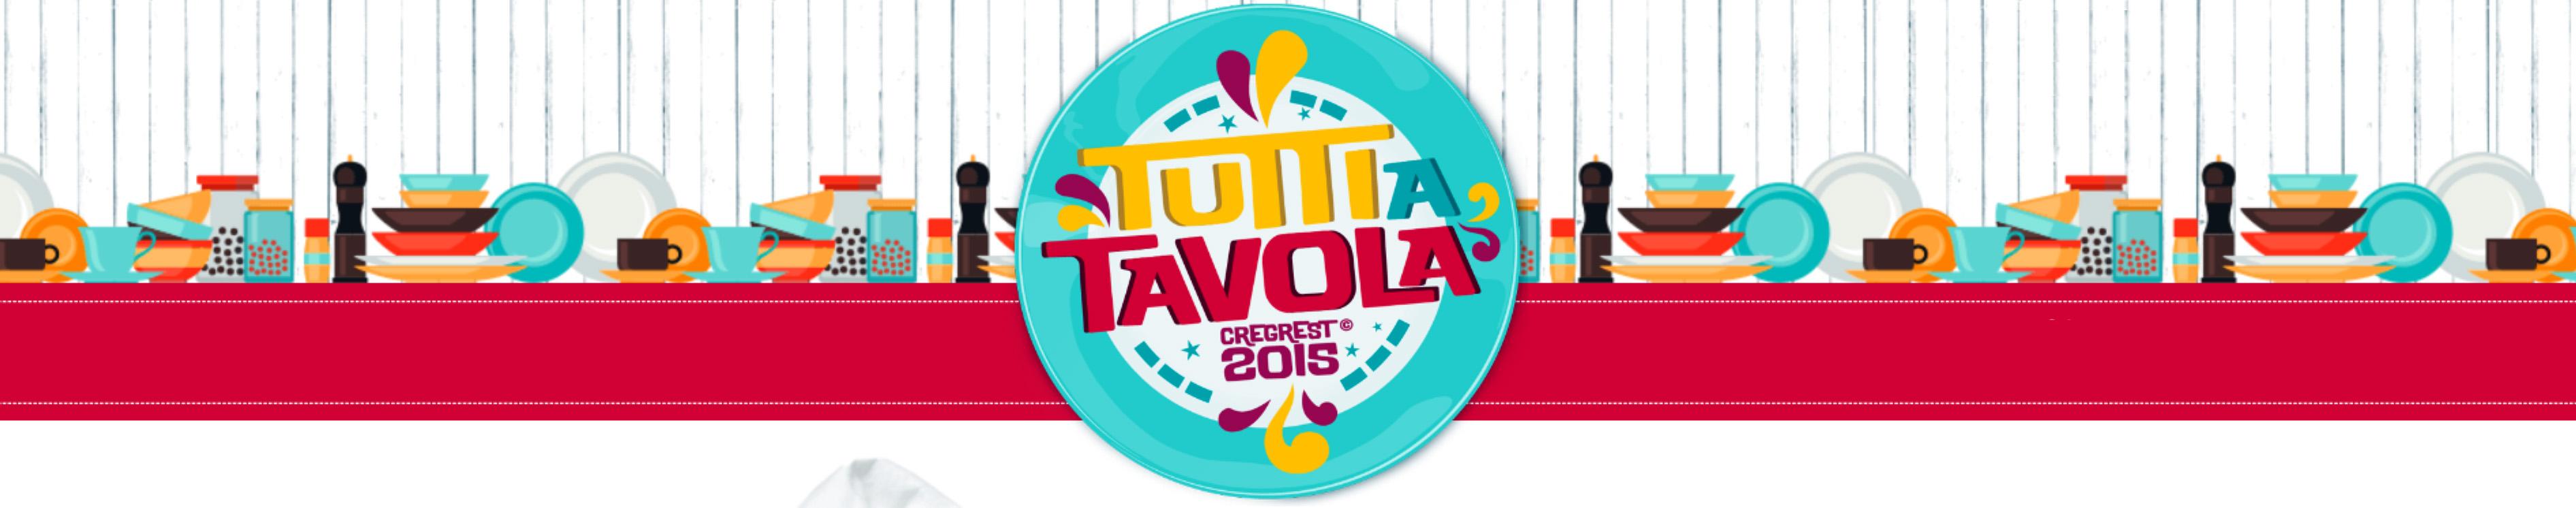 CRE-2015-Tutti-a-Tavola-testata